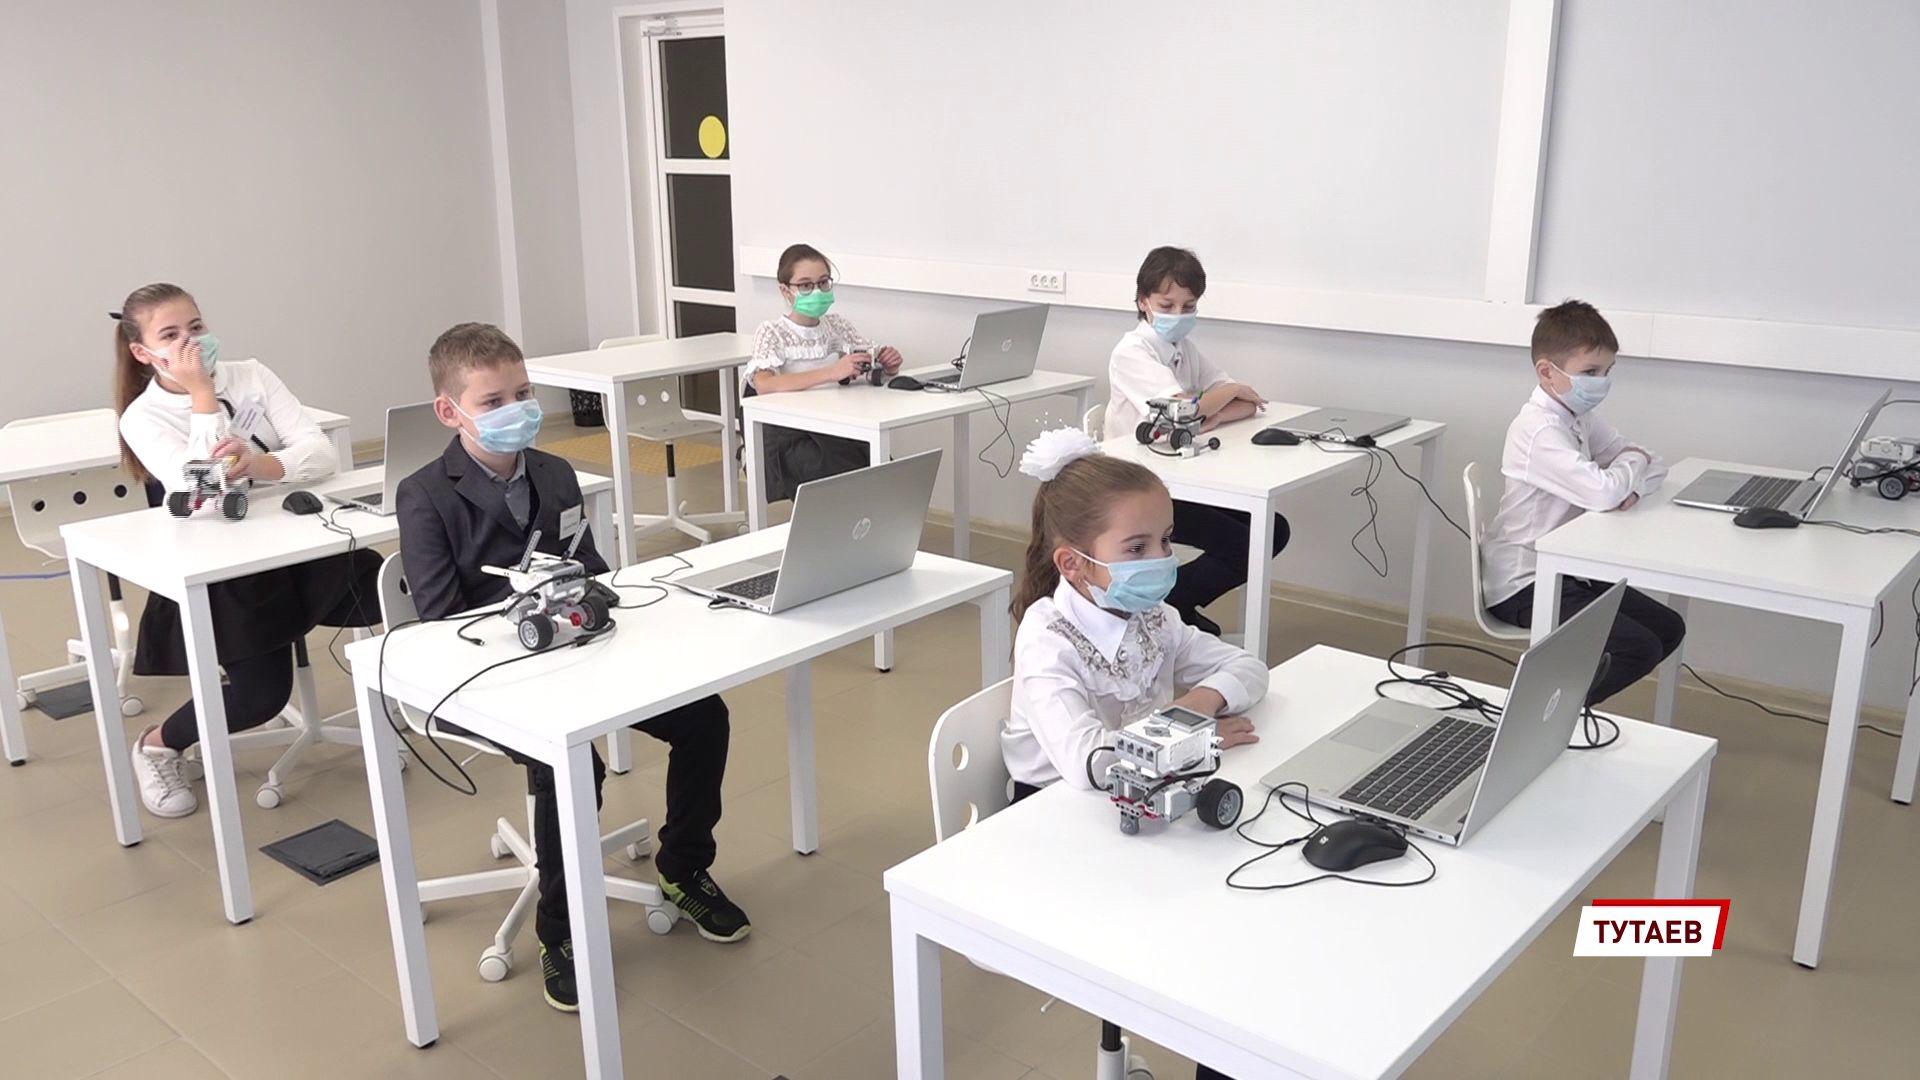 Перед учениками айти-куба в Тутаеве открываются перспективы сотрудничества с крупнейшими компаниями России